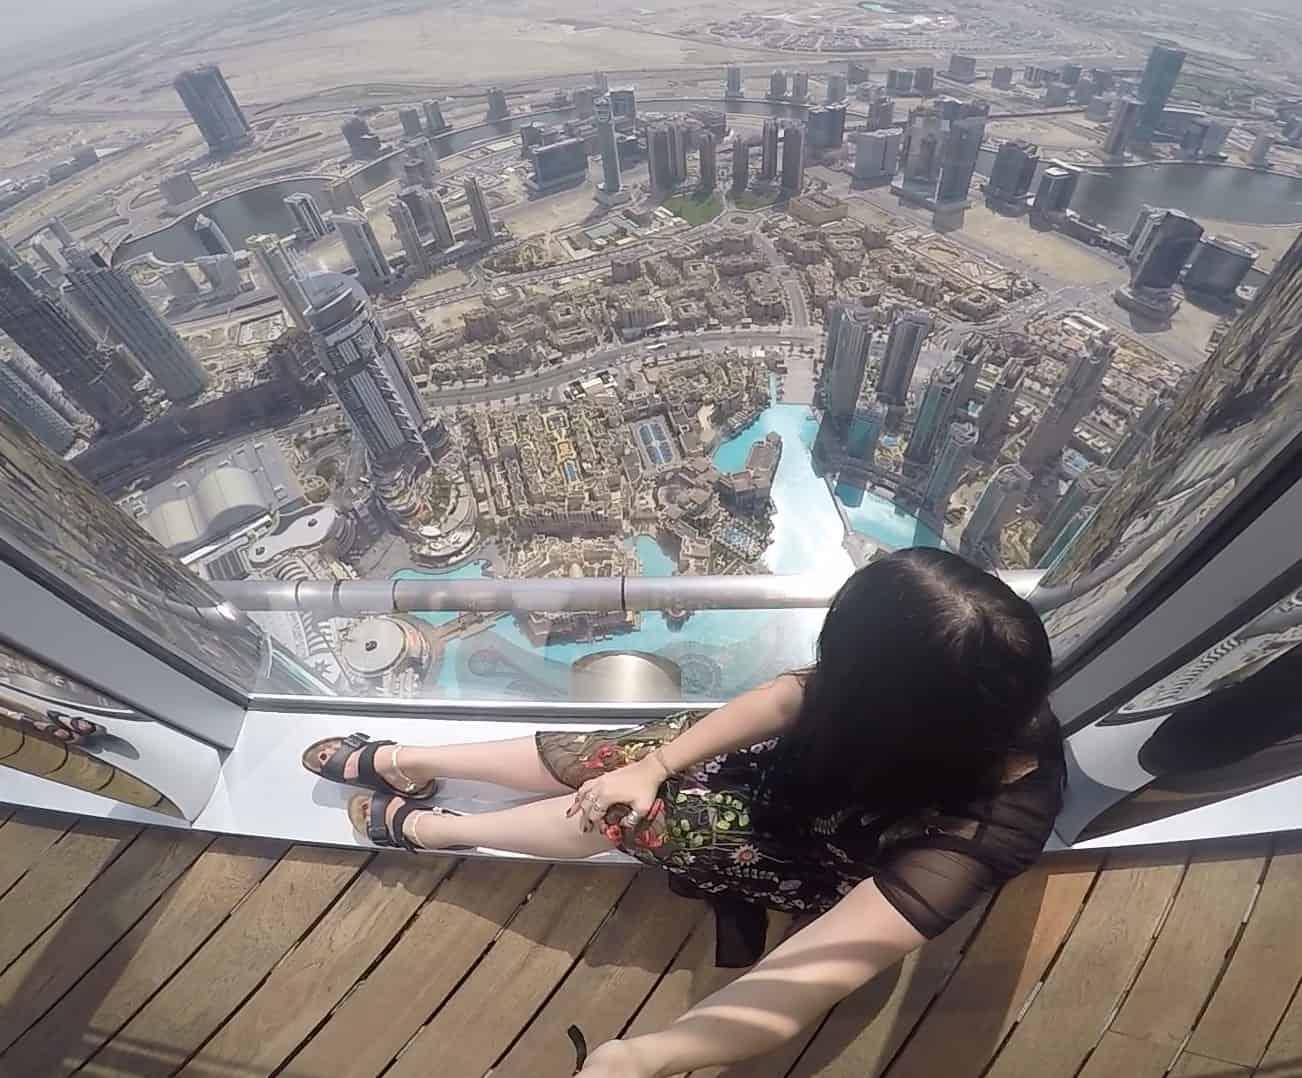 burj khalifa sky